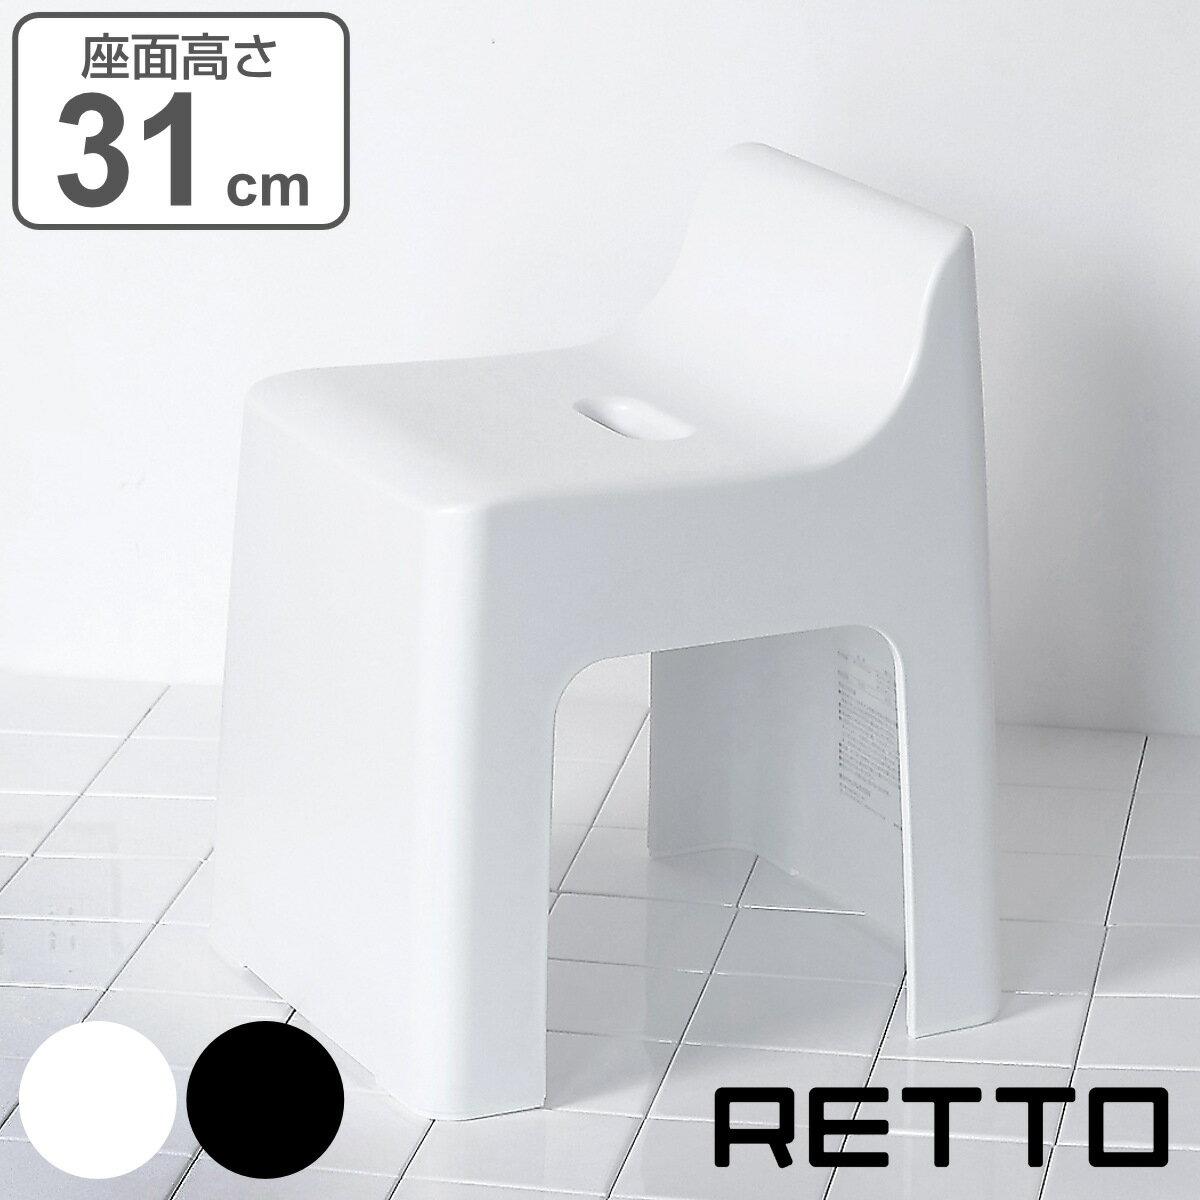 RETTO 風呂イス バスチェアー ハイチェア 高さ31cm ( 風呂いす バススツール バス用品 レットー 風呂椅子 フロイス バスチェア ふろいす お風呂イス )